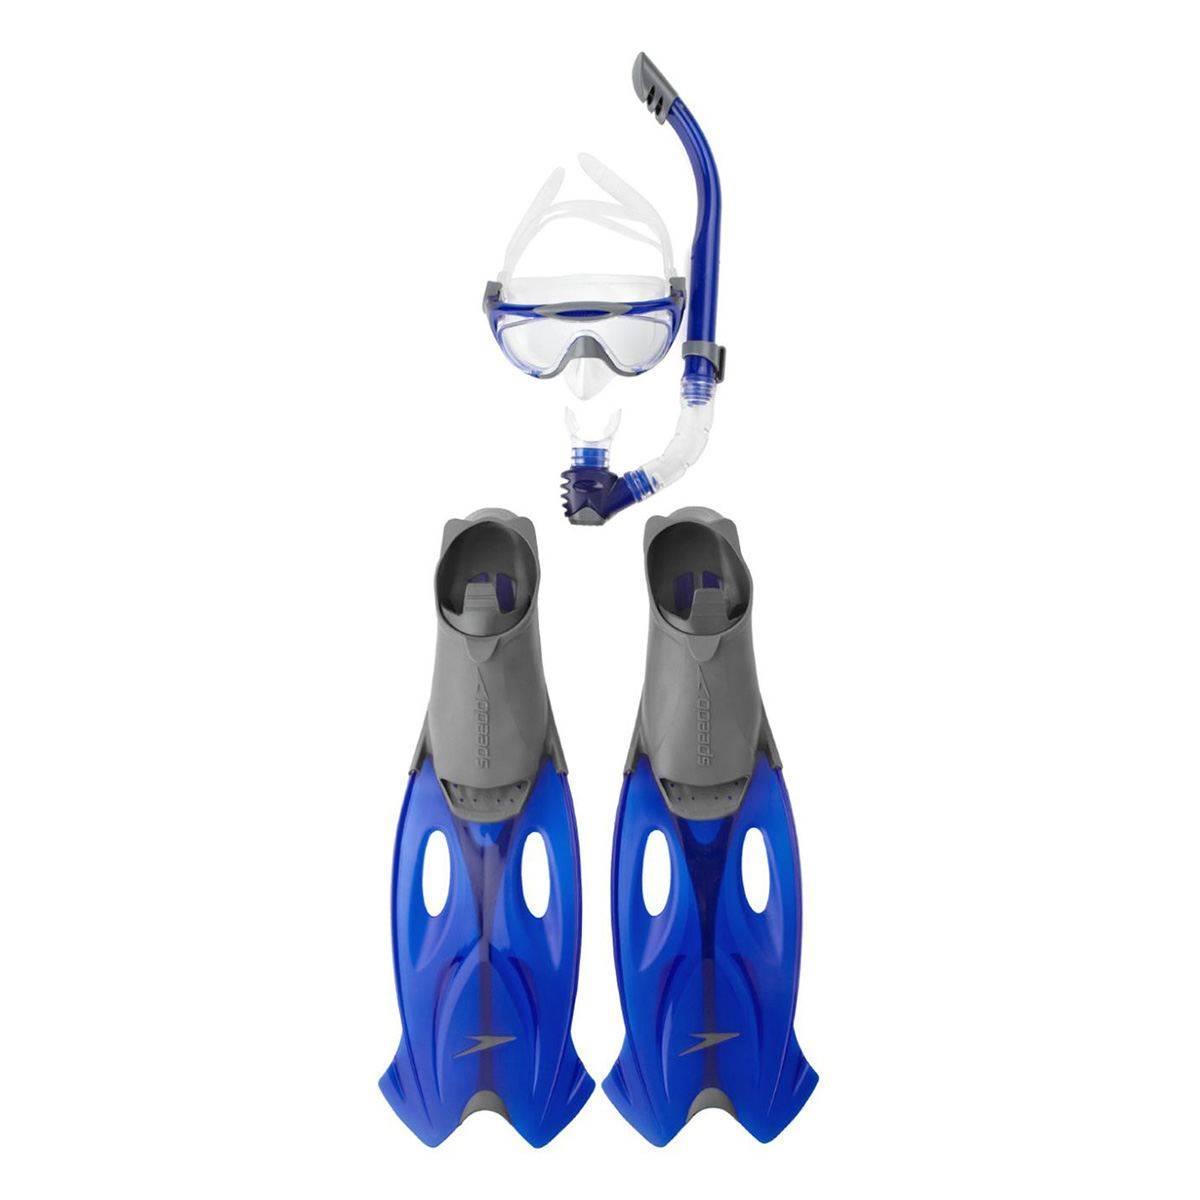 Speedo Glidefins Uni Gre/Blu Palet  S8016555052A